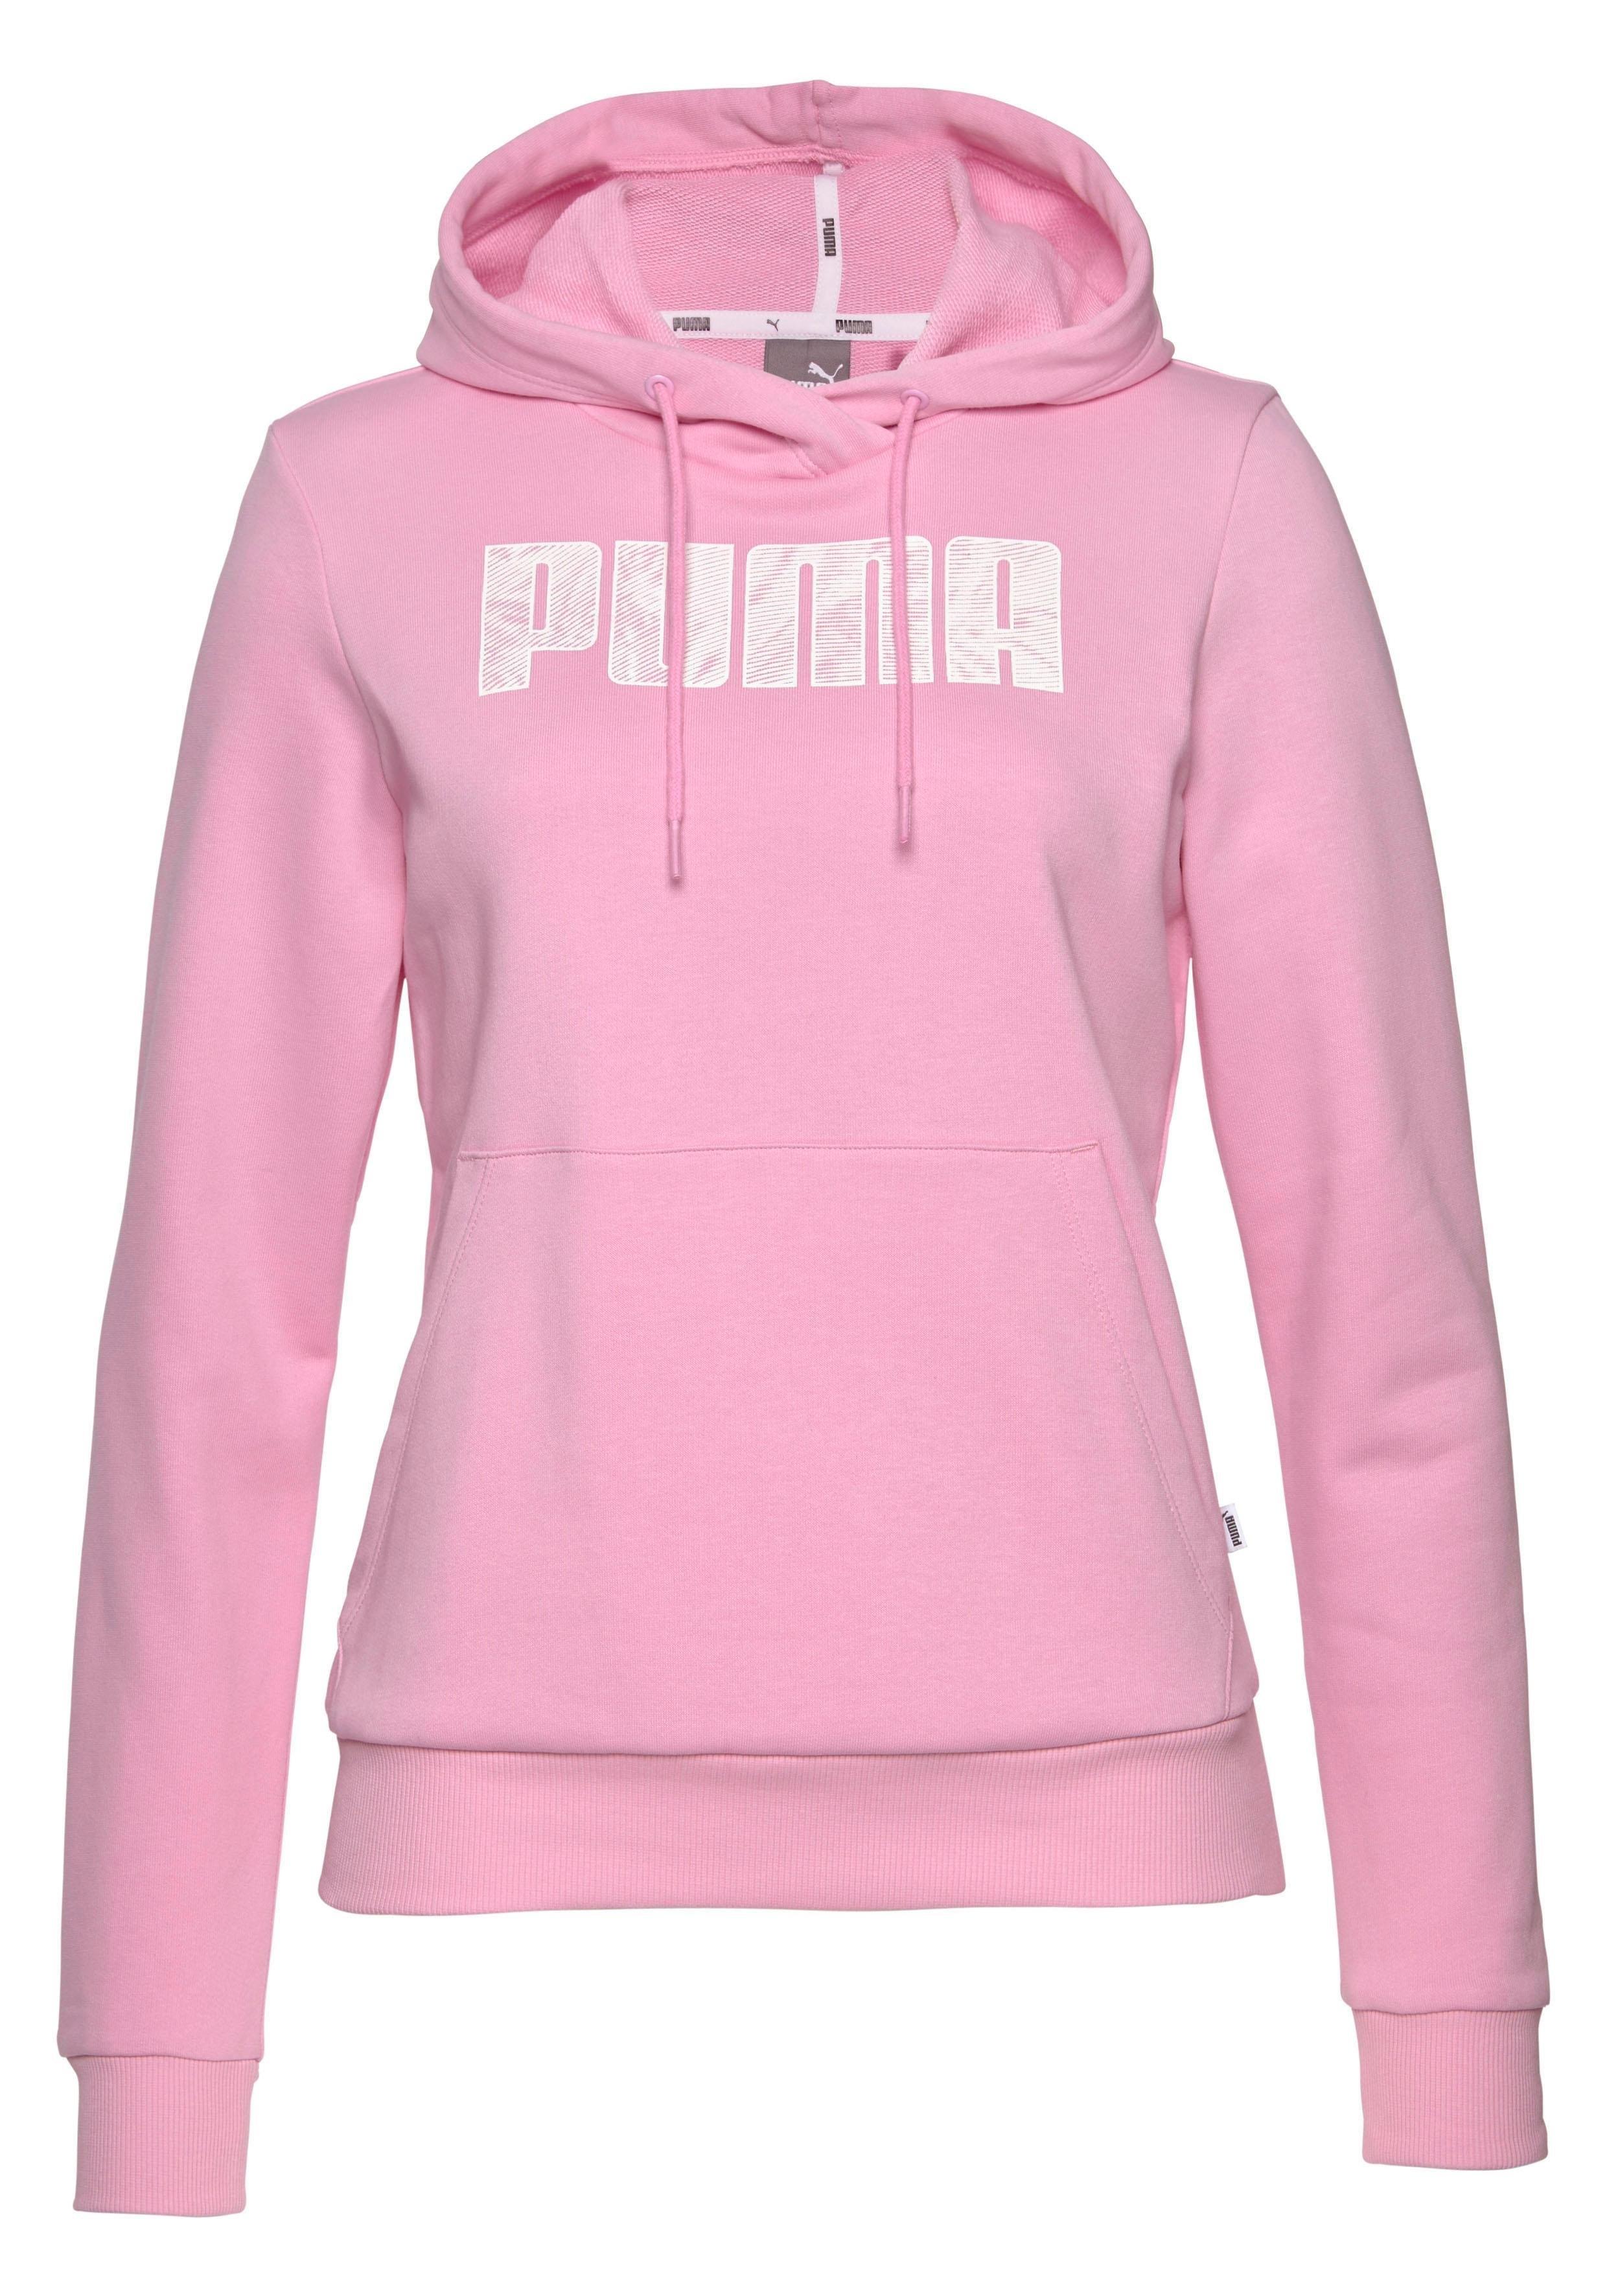 Hoodieka In De Puma Winkel Hoody Online mnNw80